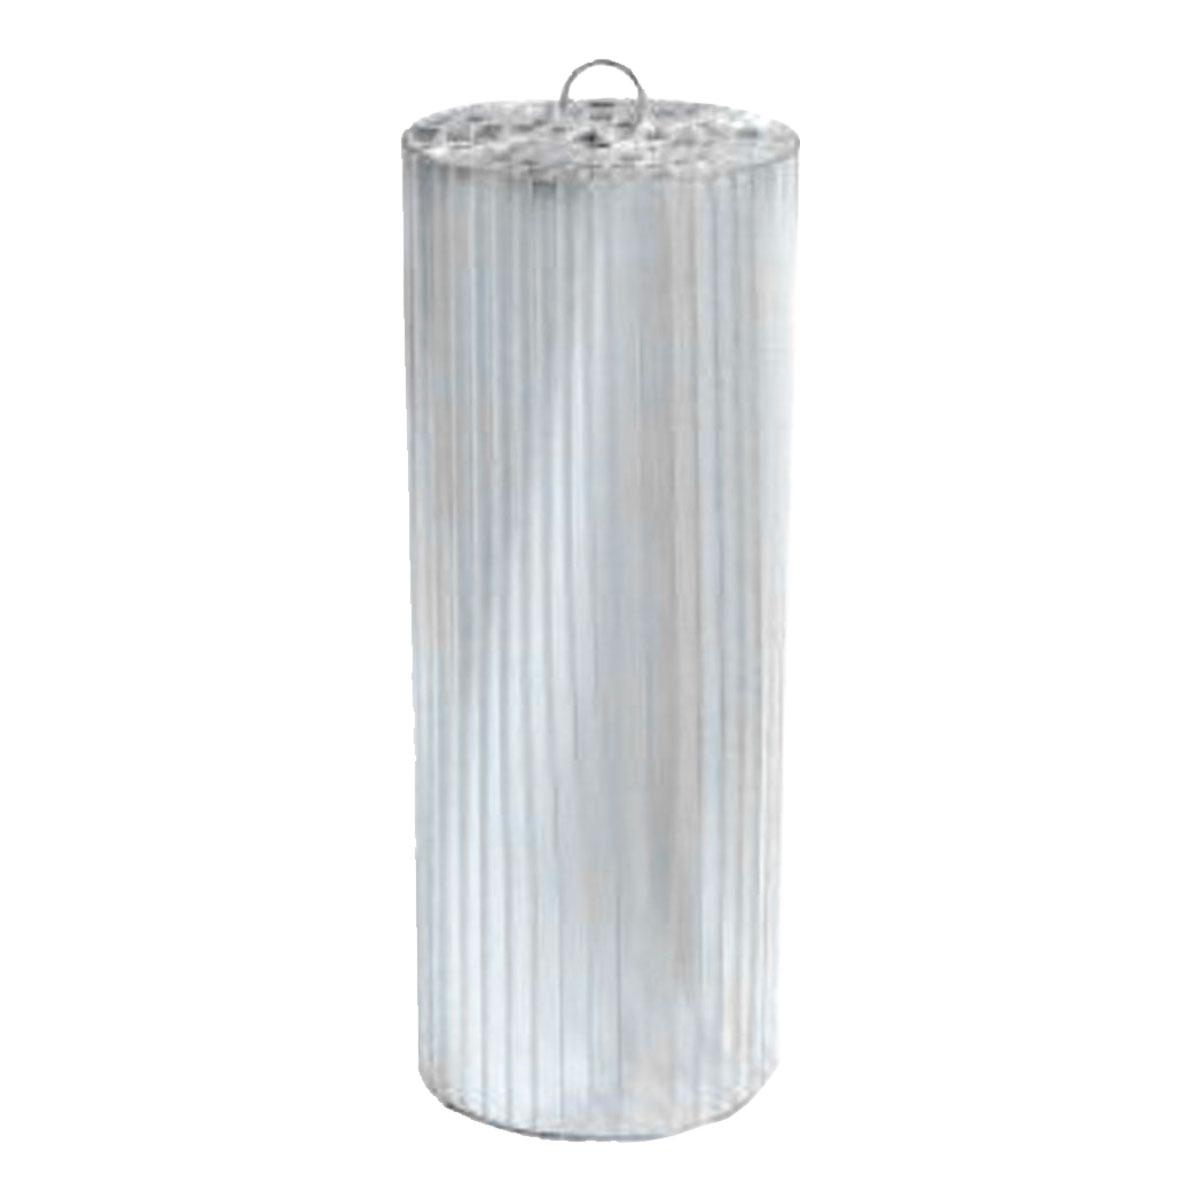 Cilindro Espelhado 50cm LCI 50 - Lumyna Light